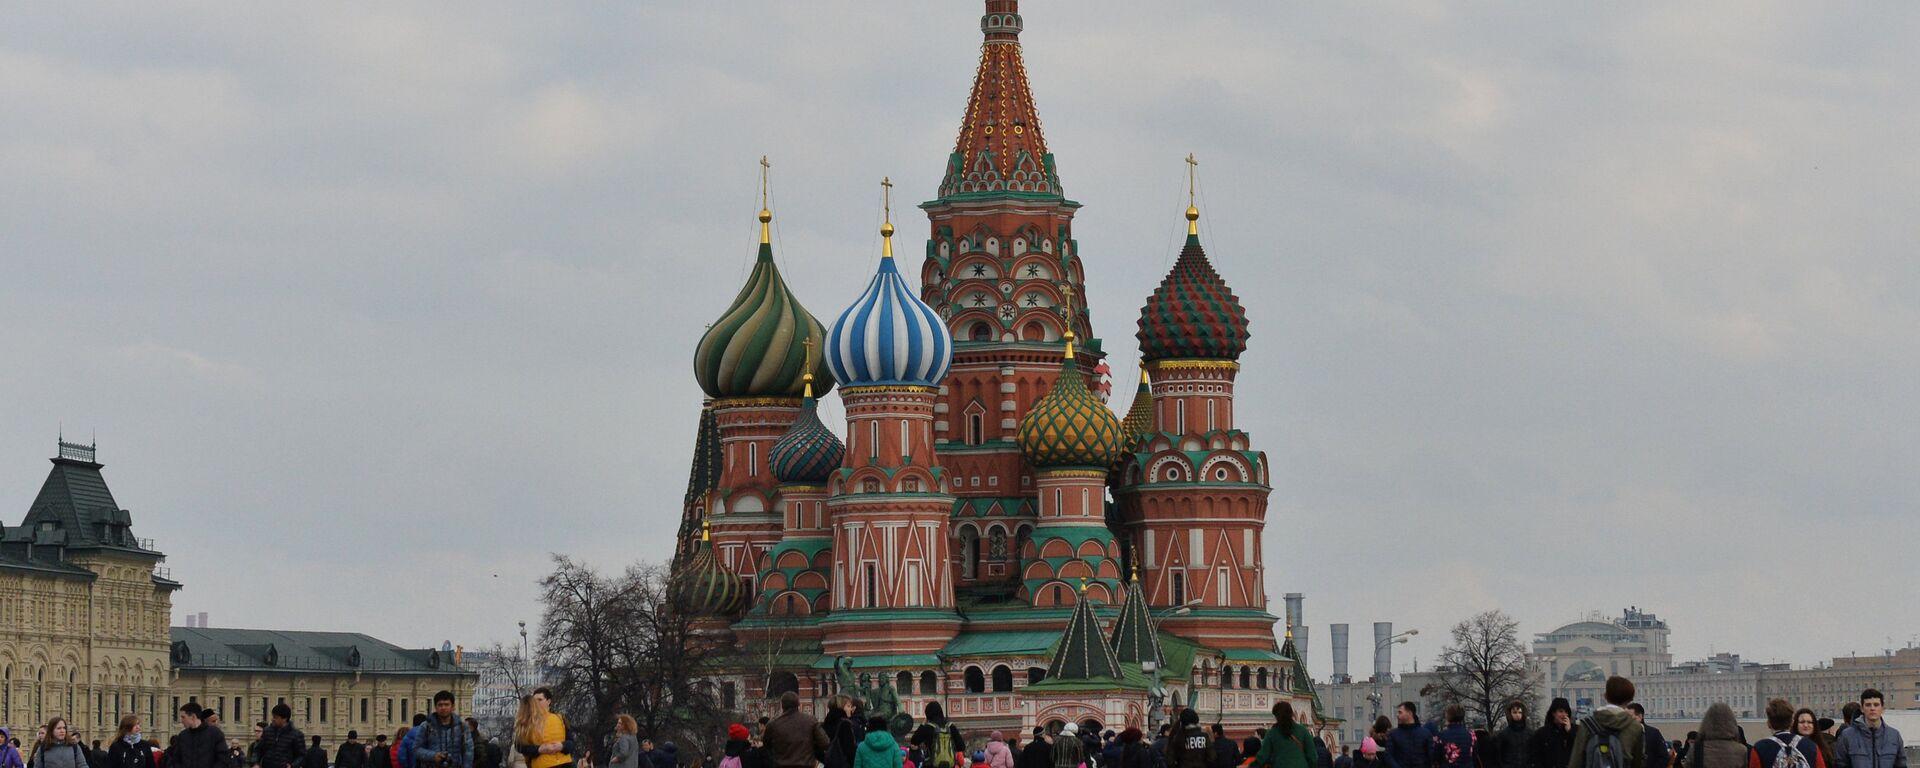 Красная площадь в Москве - Sputnik Латвия, 1920, 23.06.2021